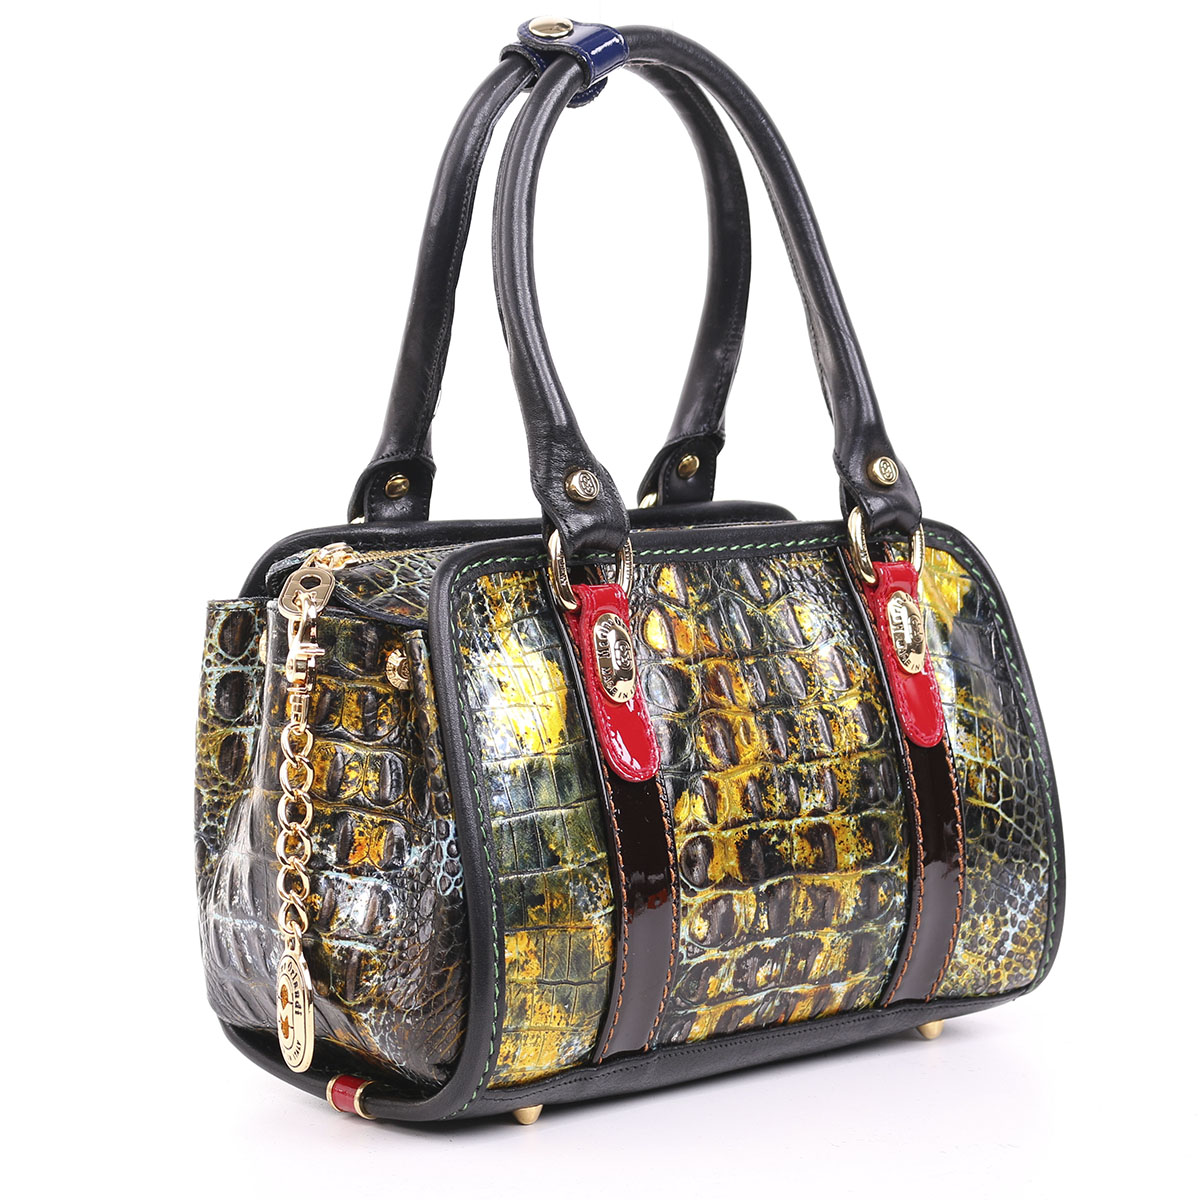 8be8a8e1c44f Фиолетовая итальянская сумка. Сумка Marino Orlandi из натуральной кожи. ‹ ›